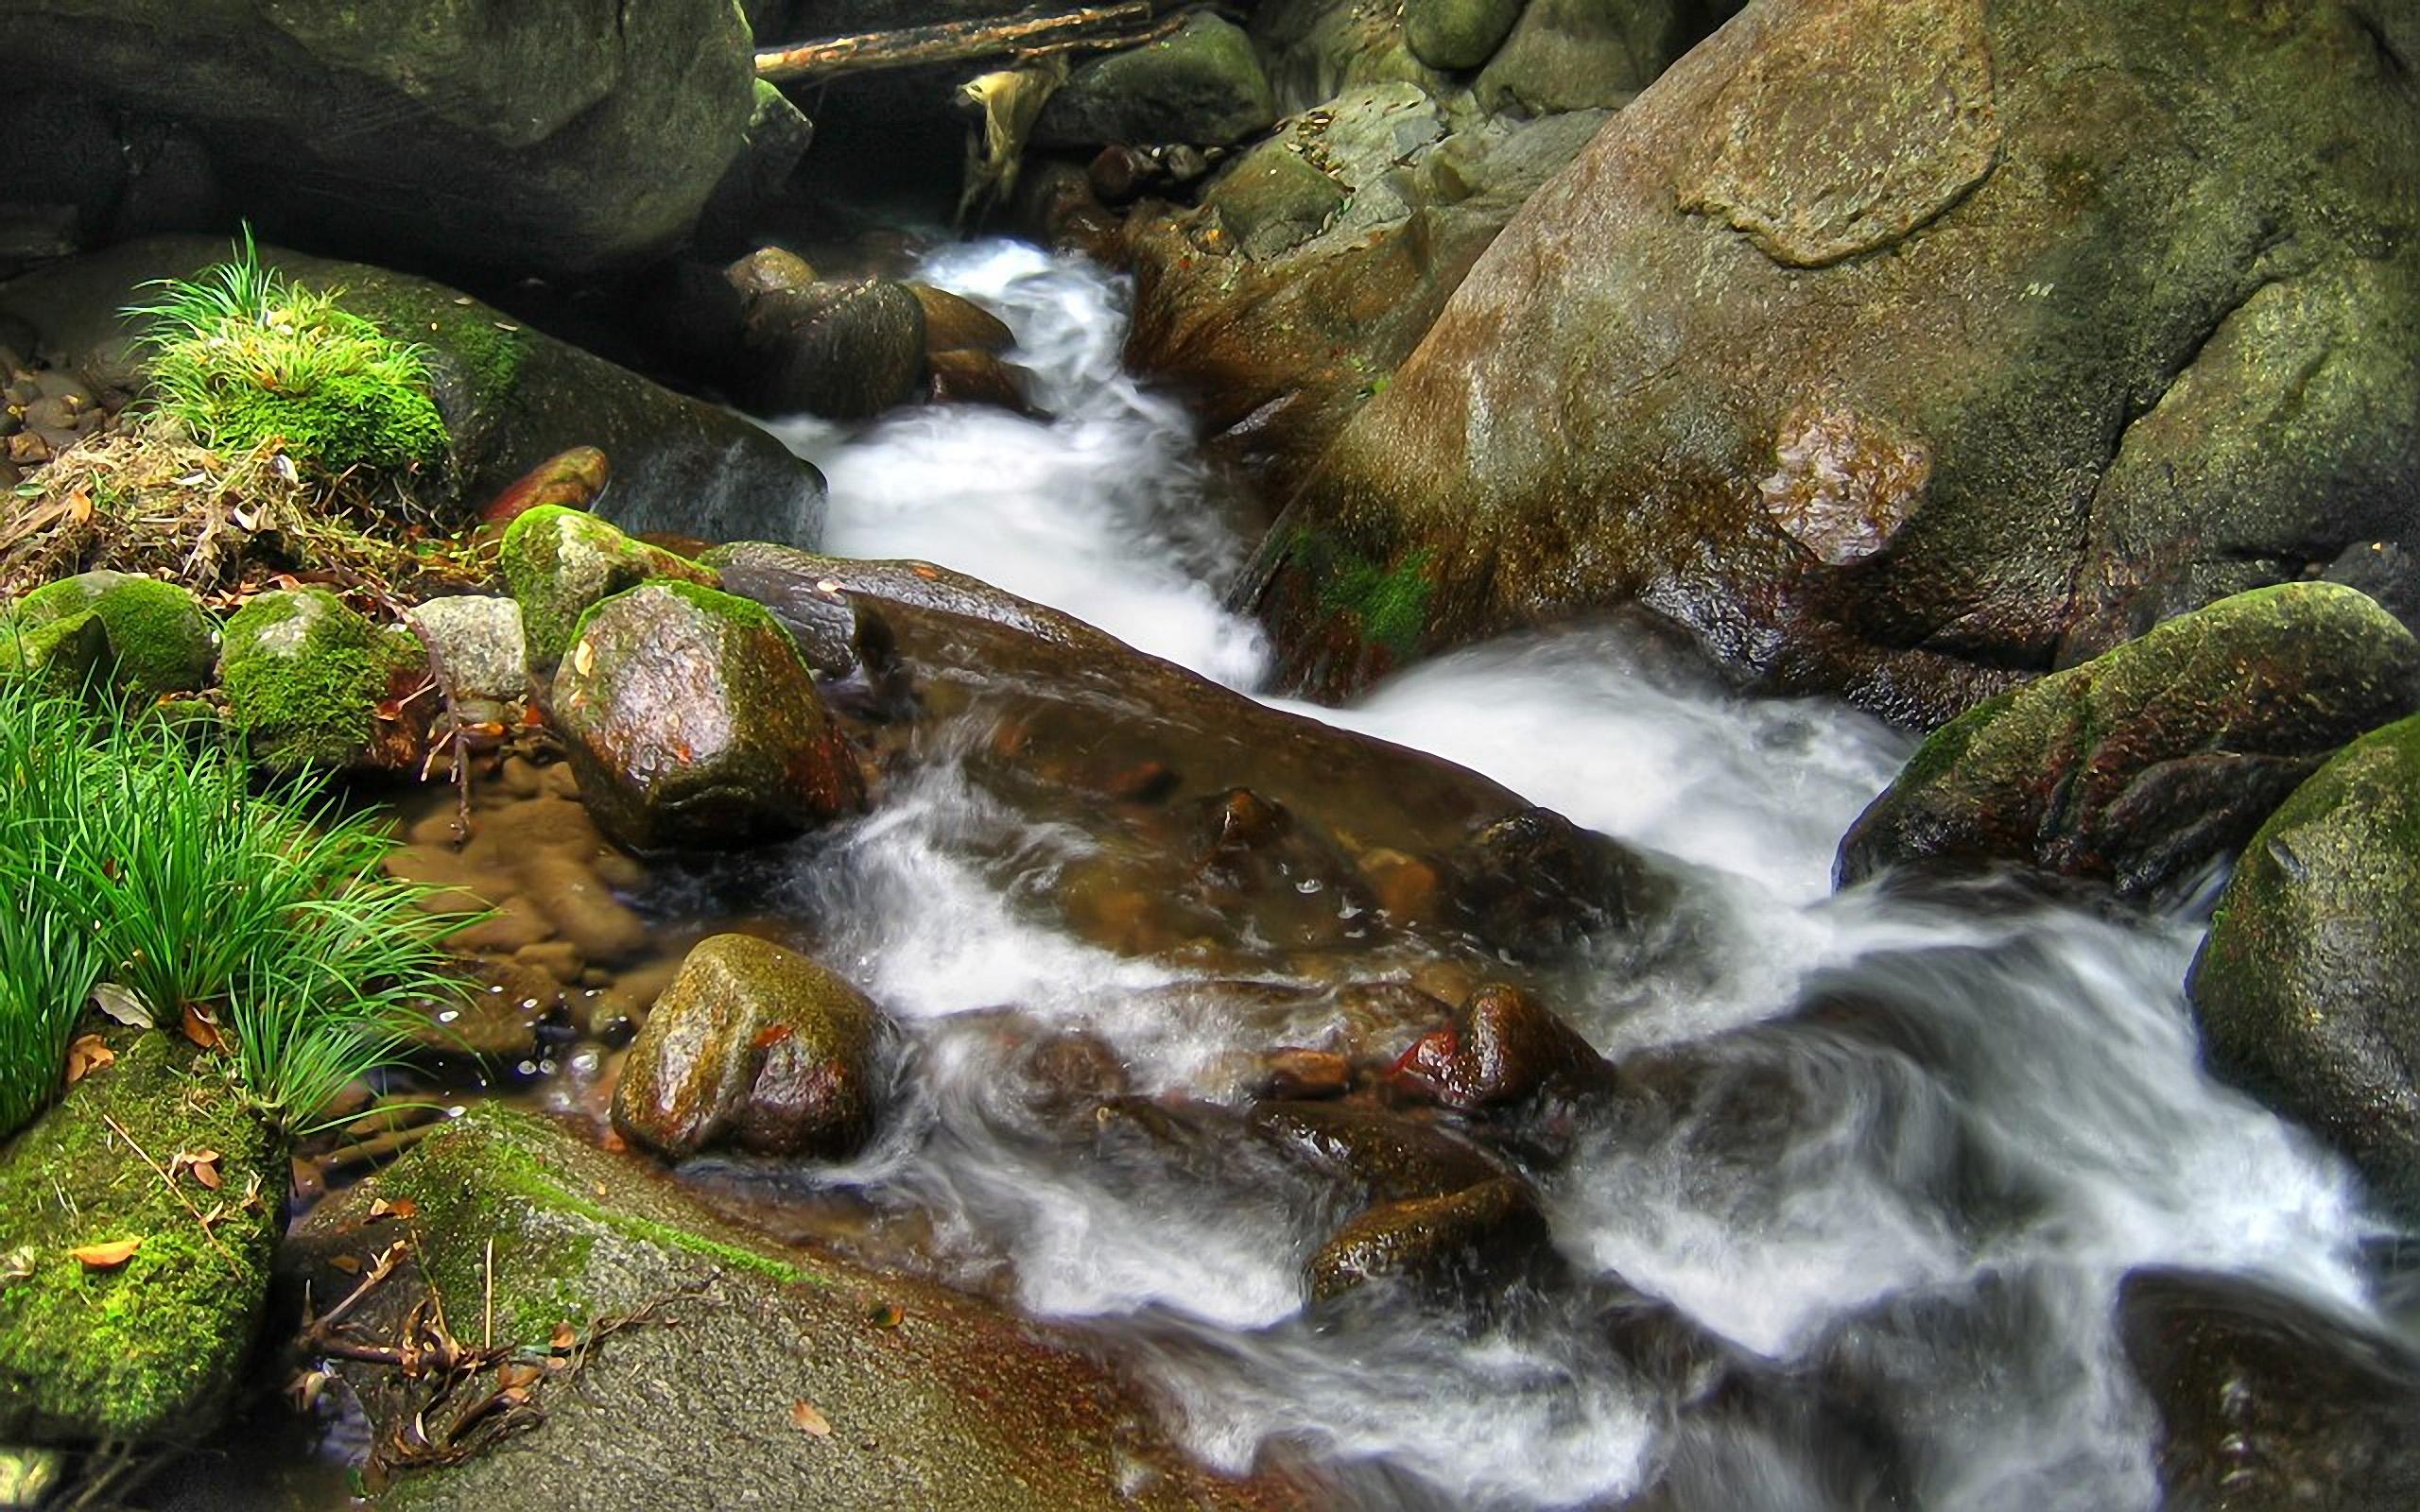 водопад мох плиты воронка без смс